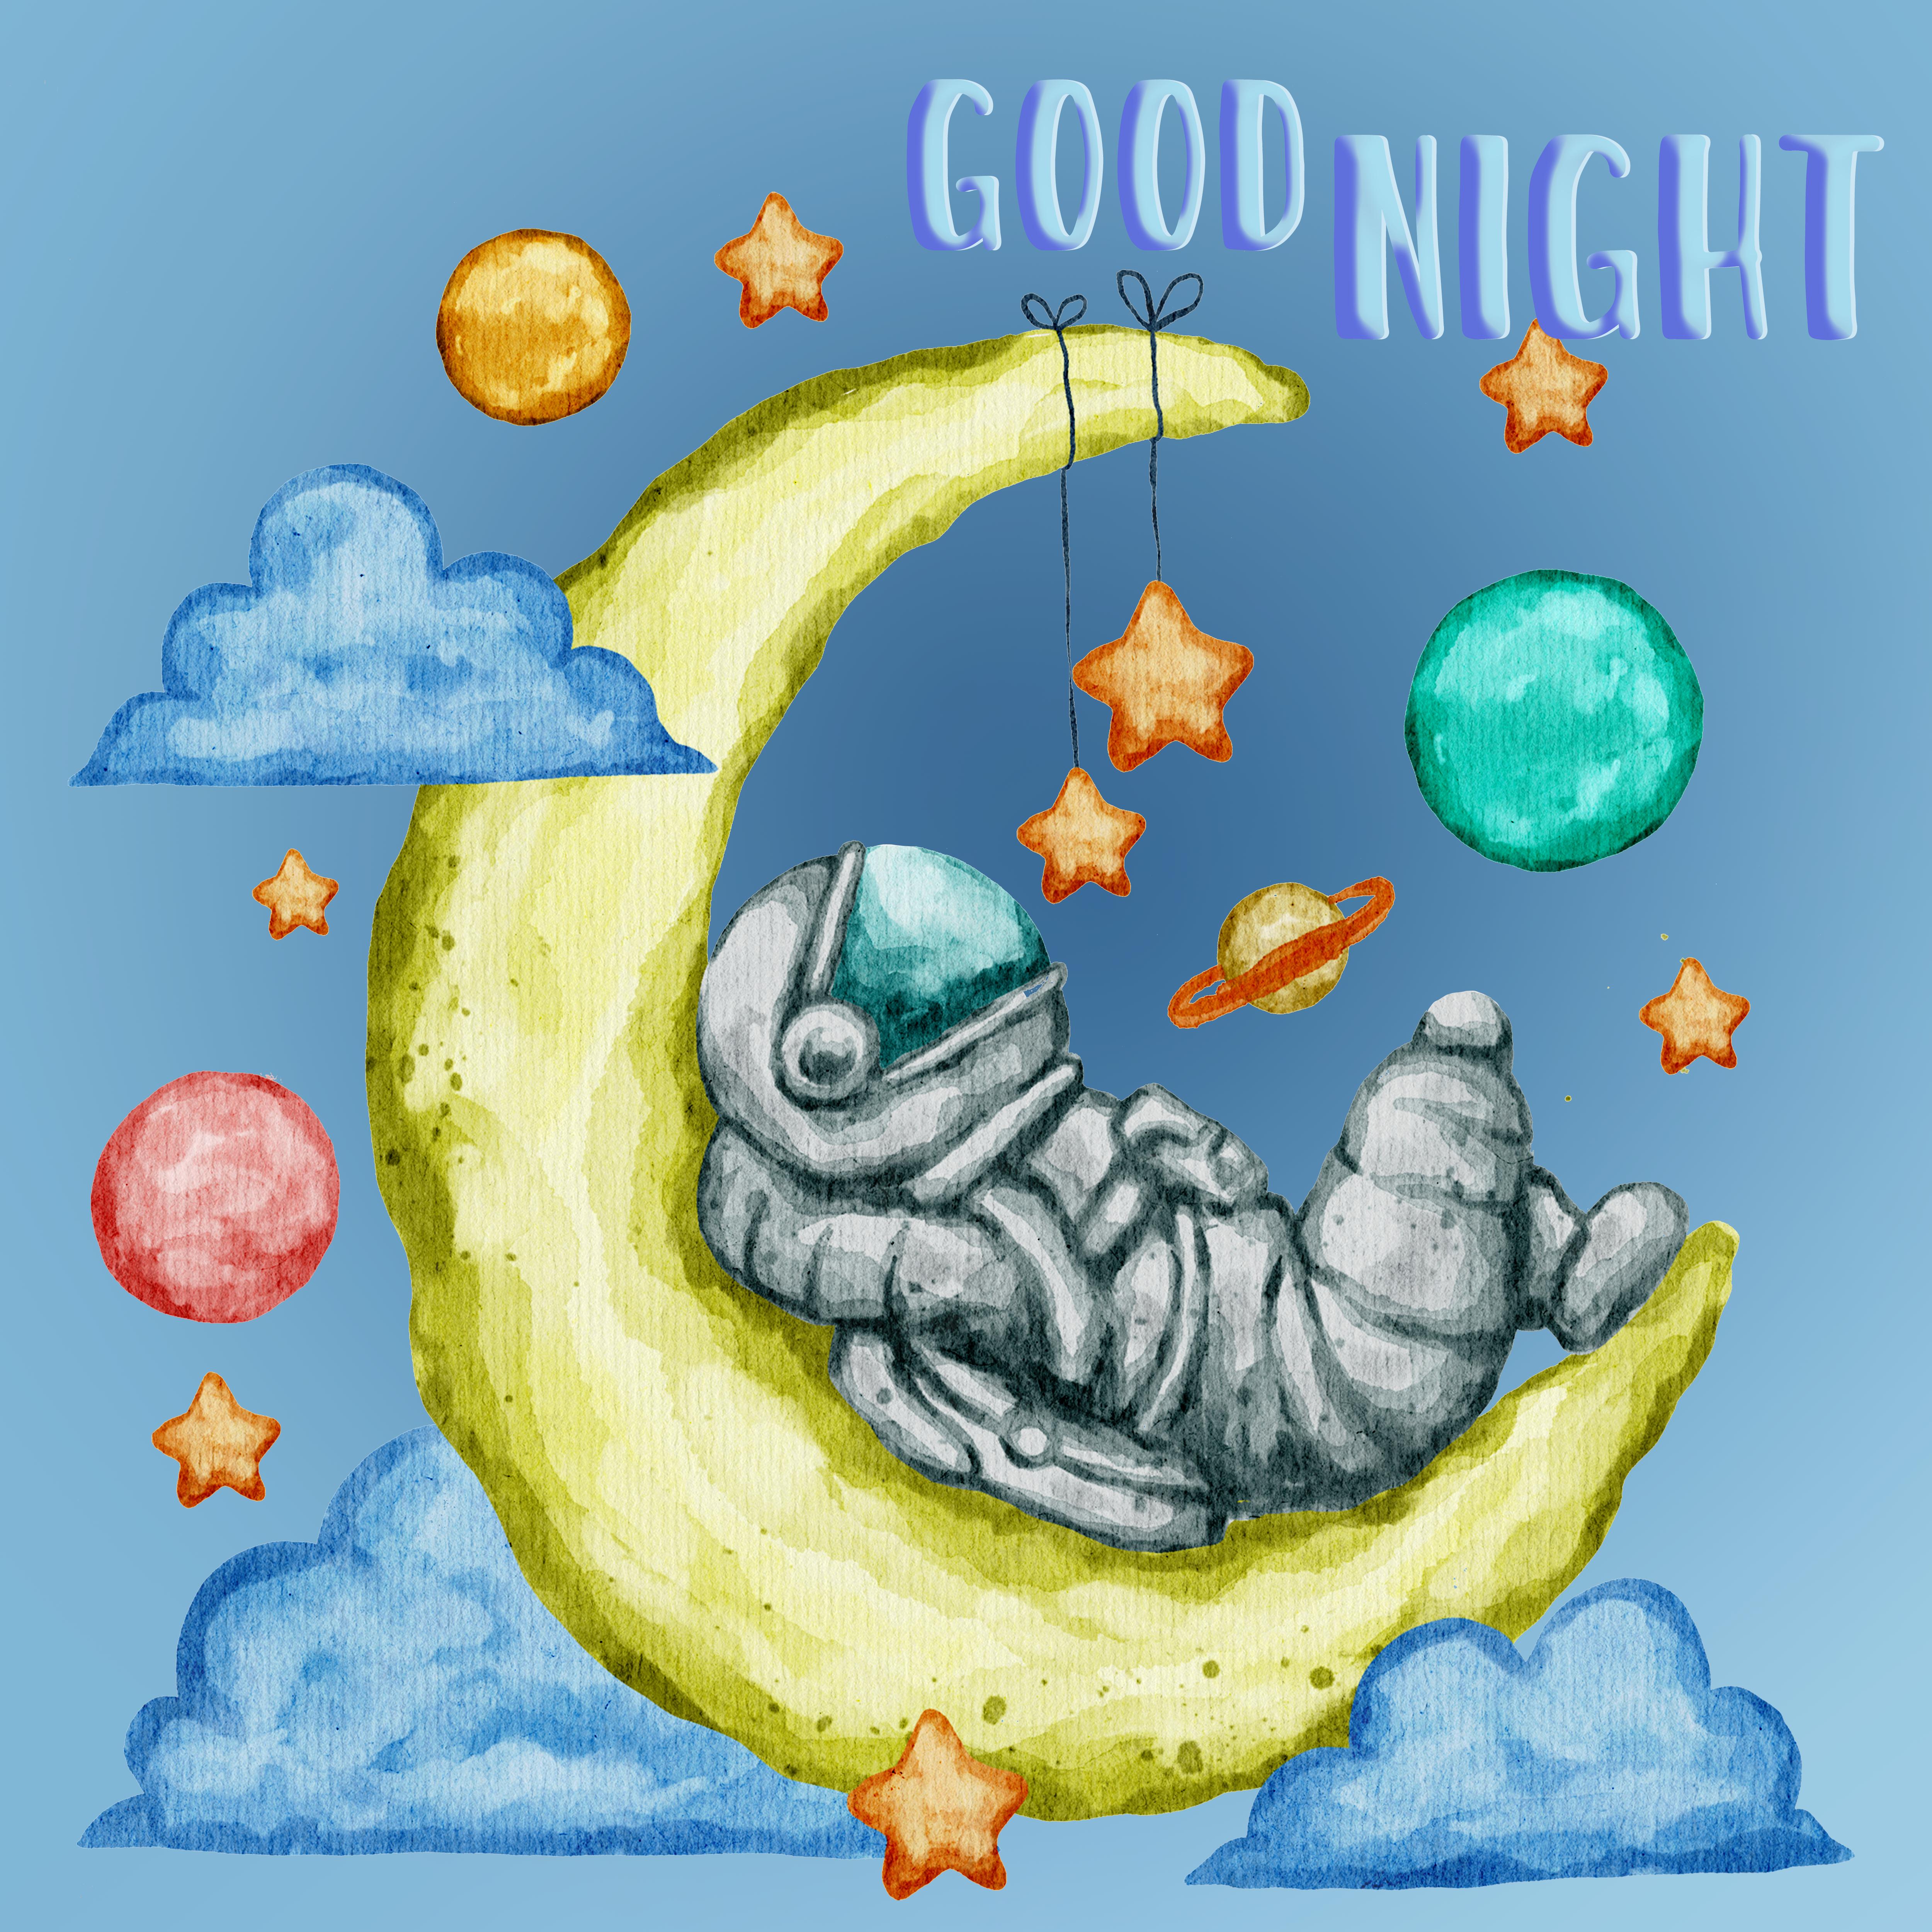 Good Night, Astronaut Sleeping On Moon